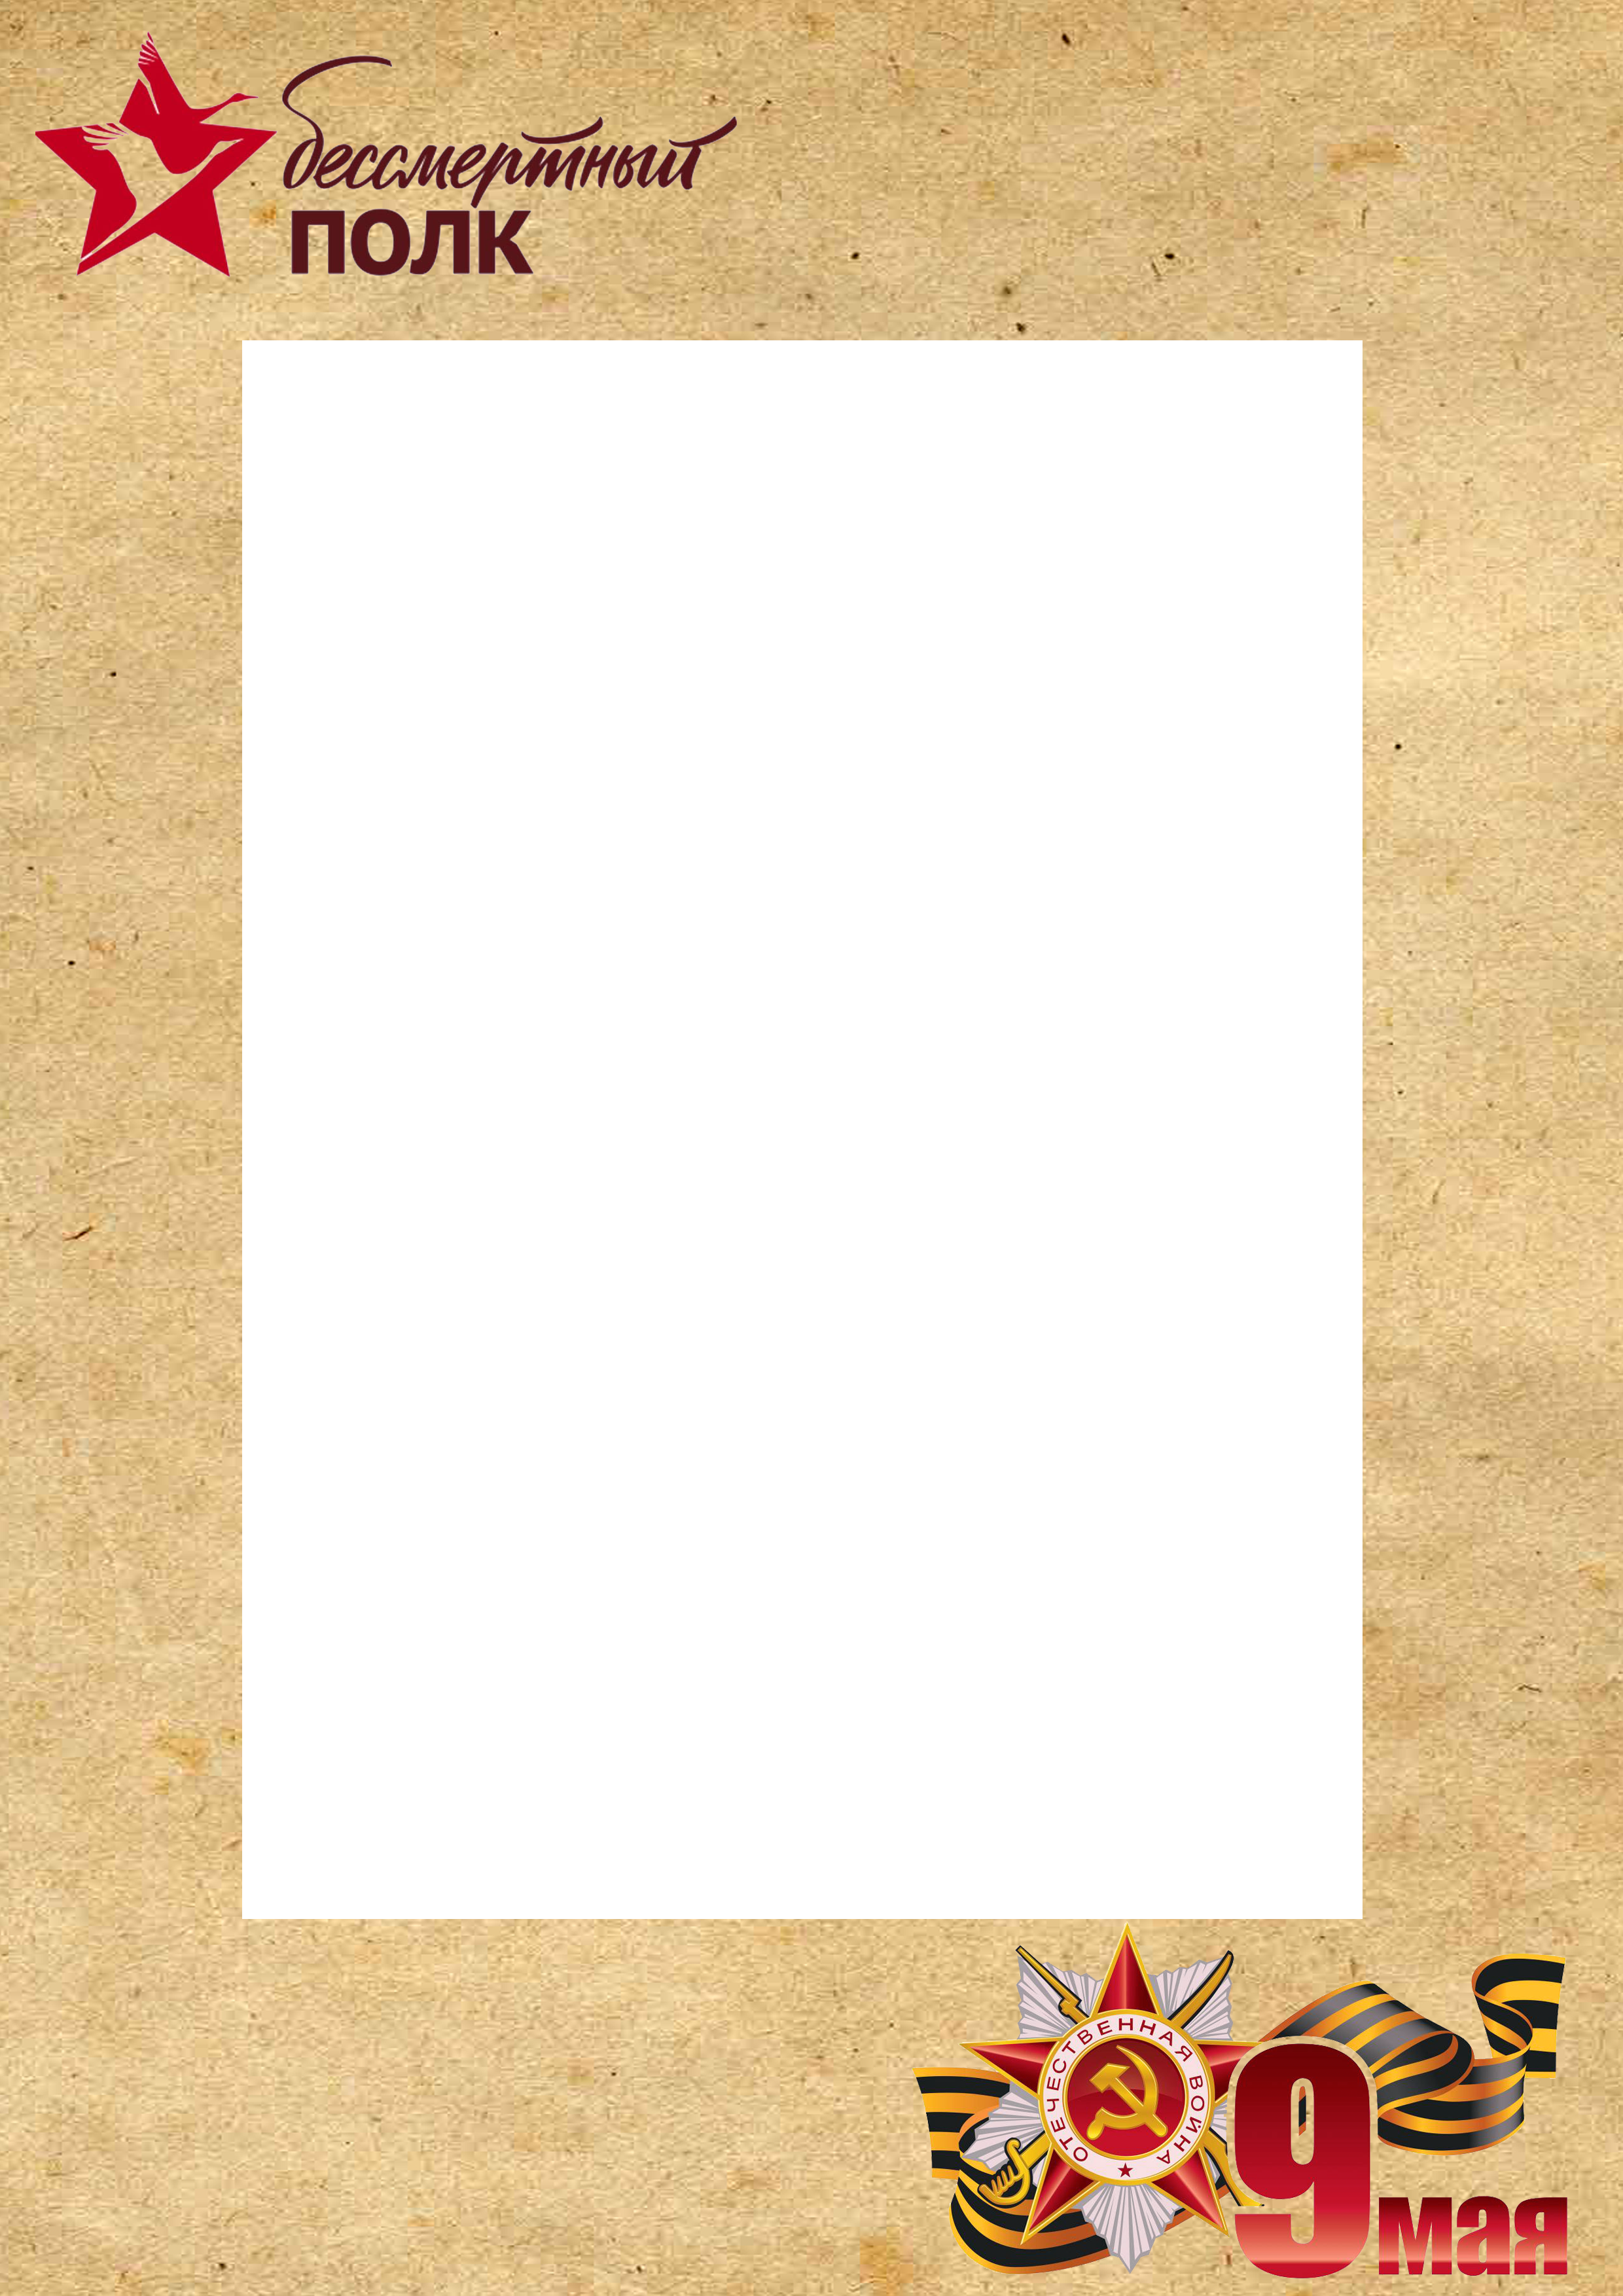 Открытка бессмертный полк вставить фото